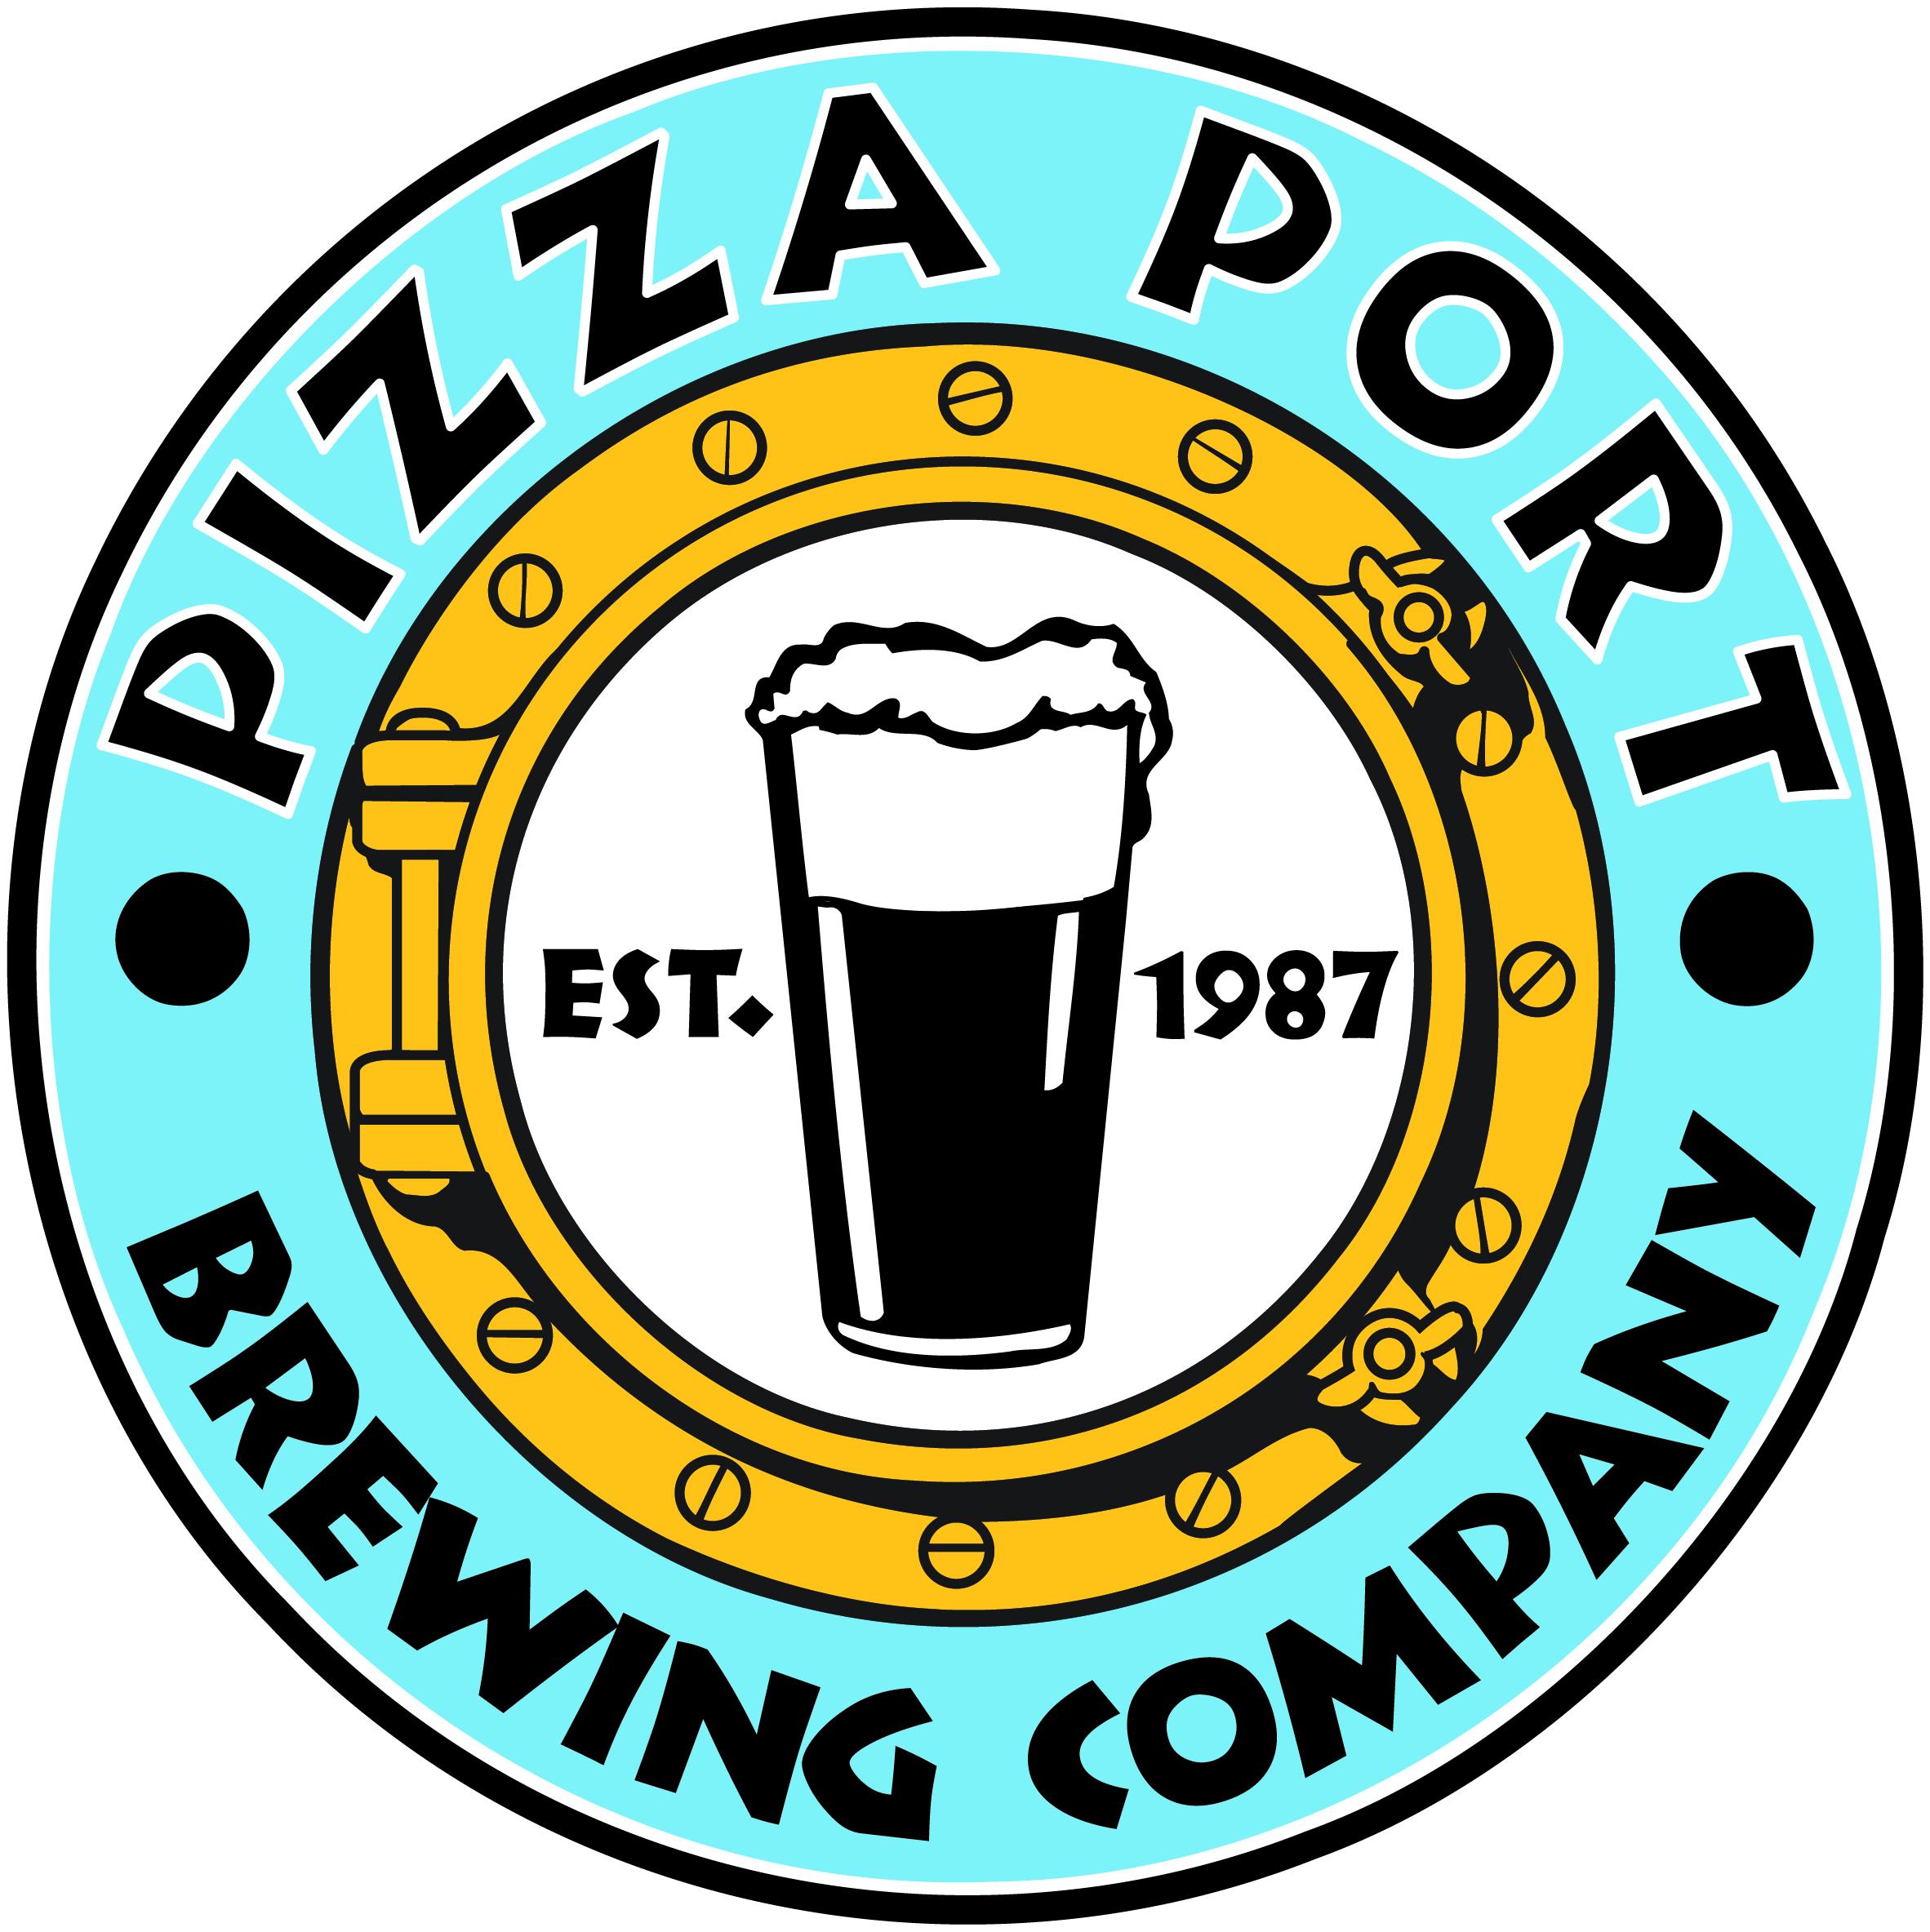 pizza_port_color_no_locations.jpg